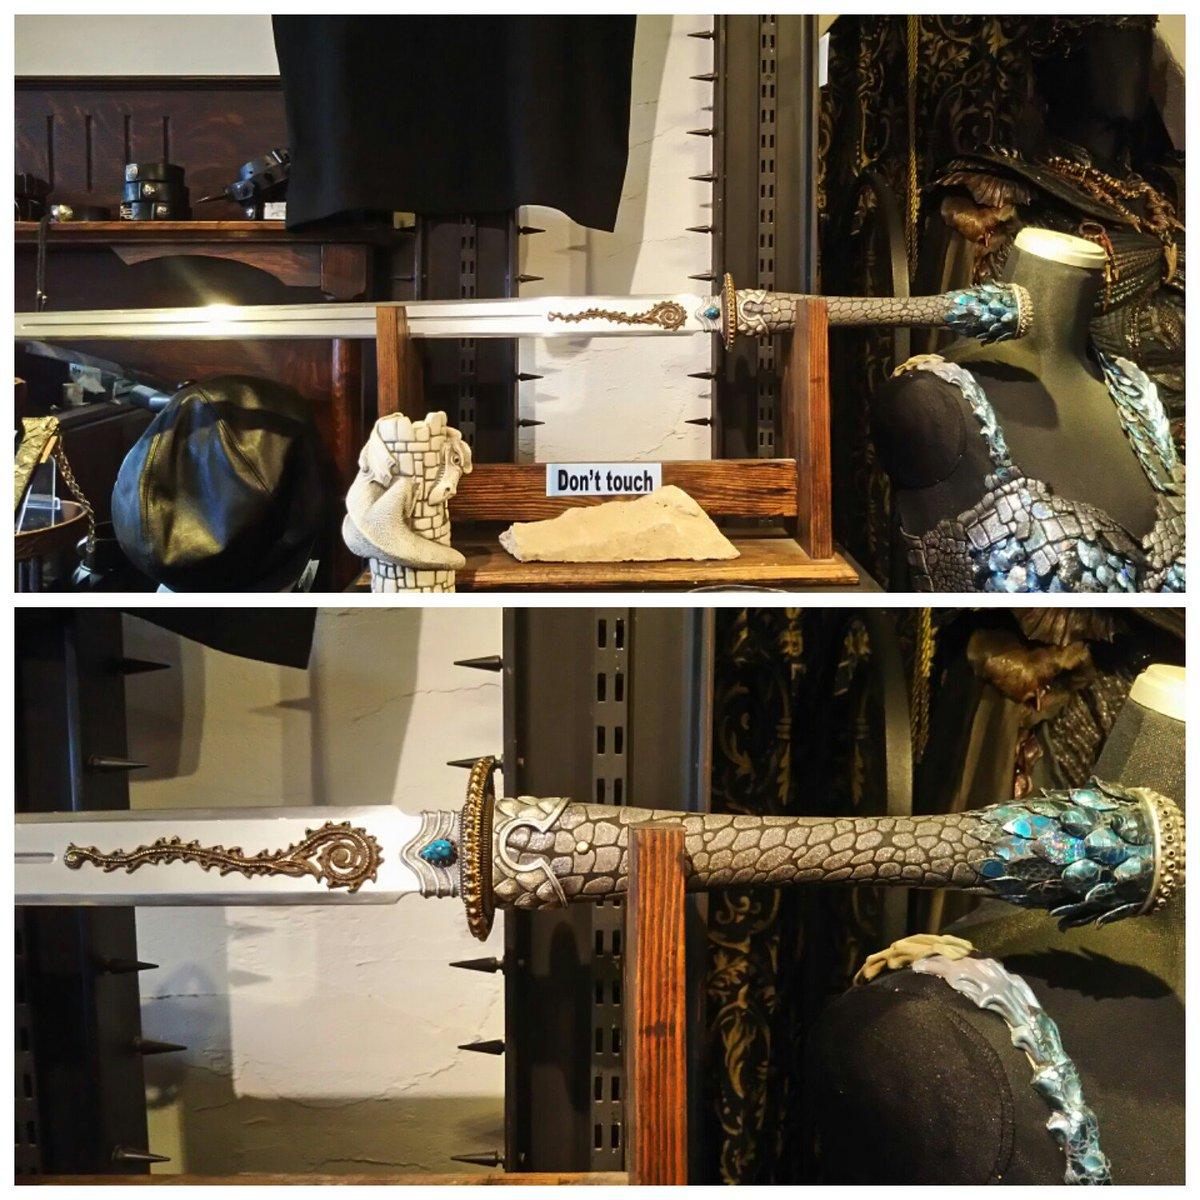 アリスの剣も展示開始しましたー!#JAP工房 #牙狼 #絶狼 #ZERO #アリス  #龍 #剣